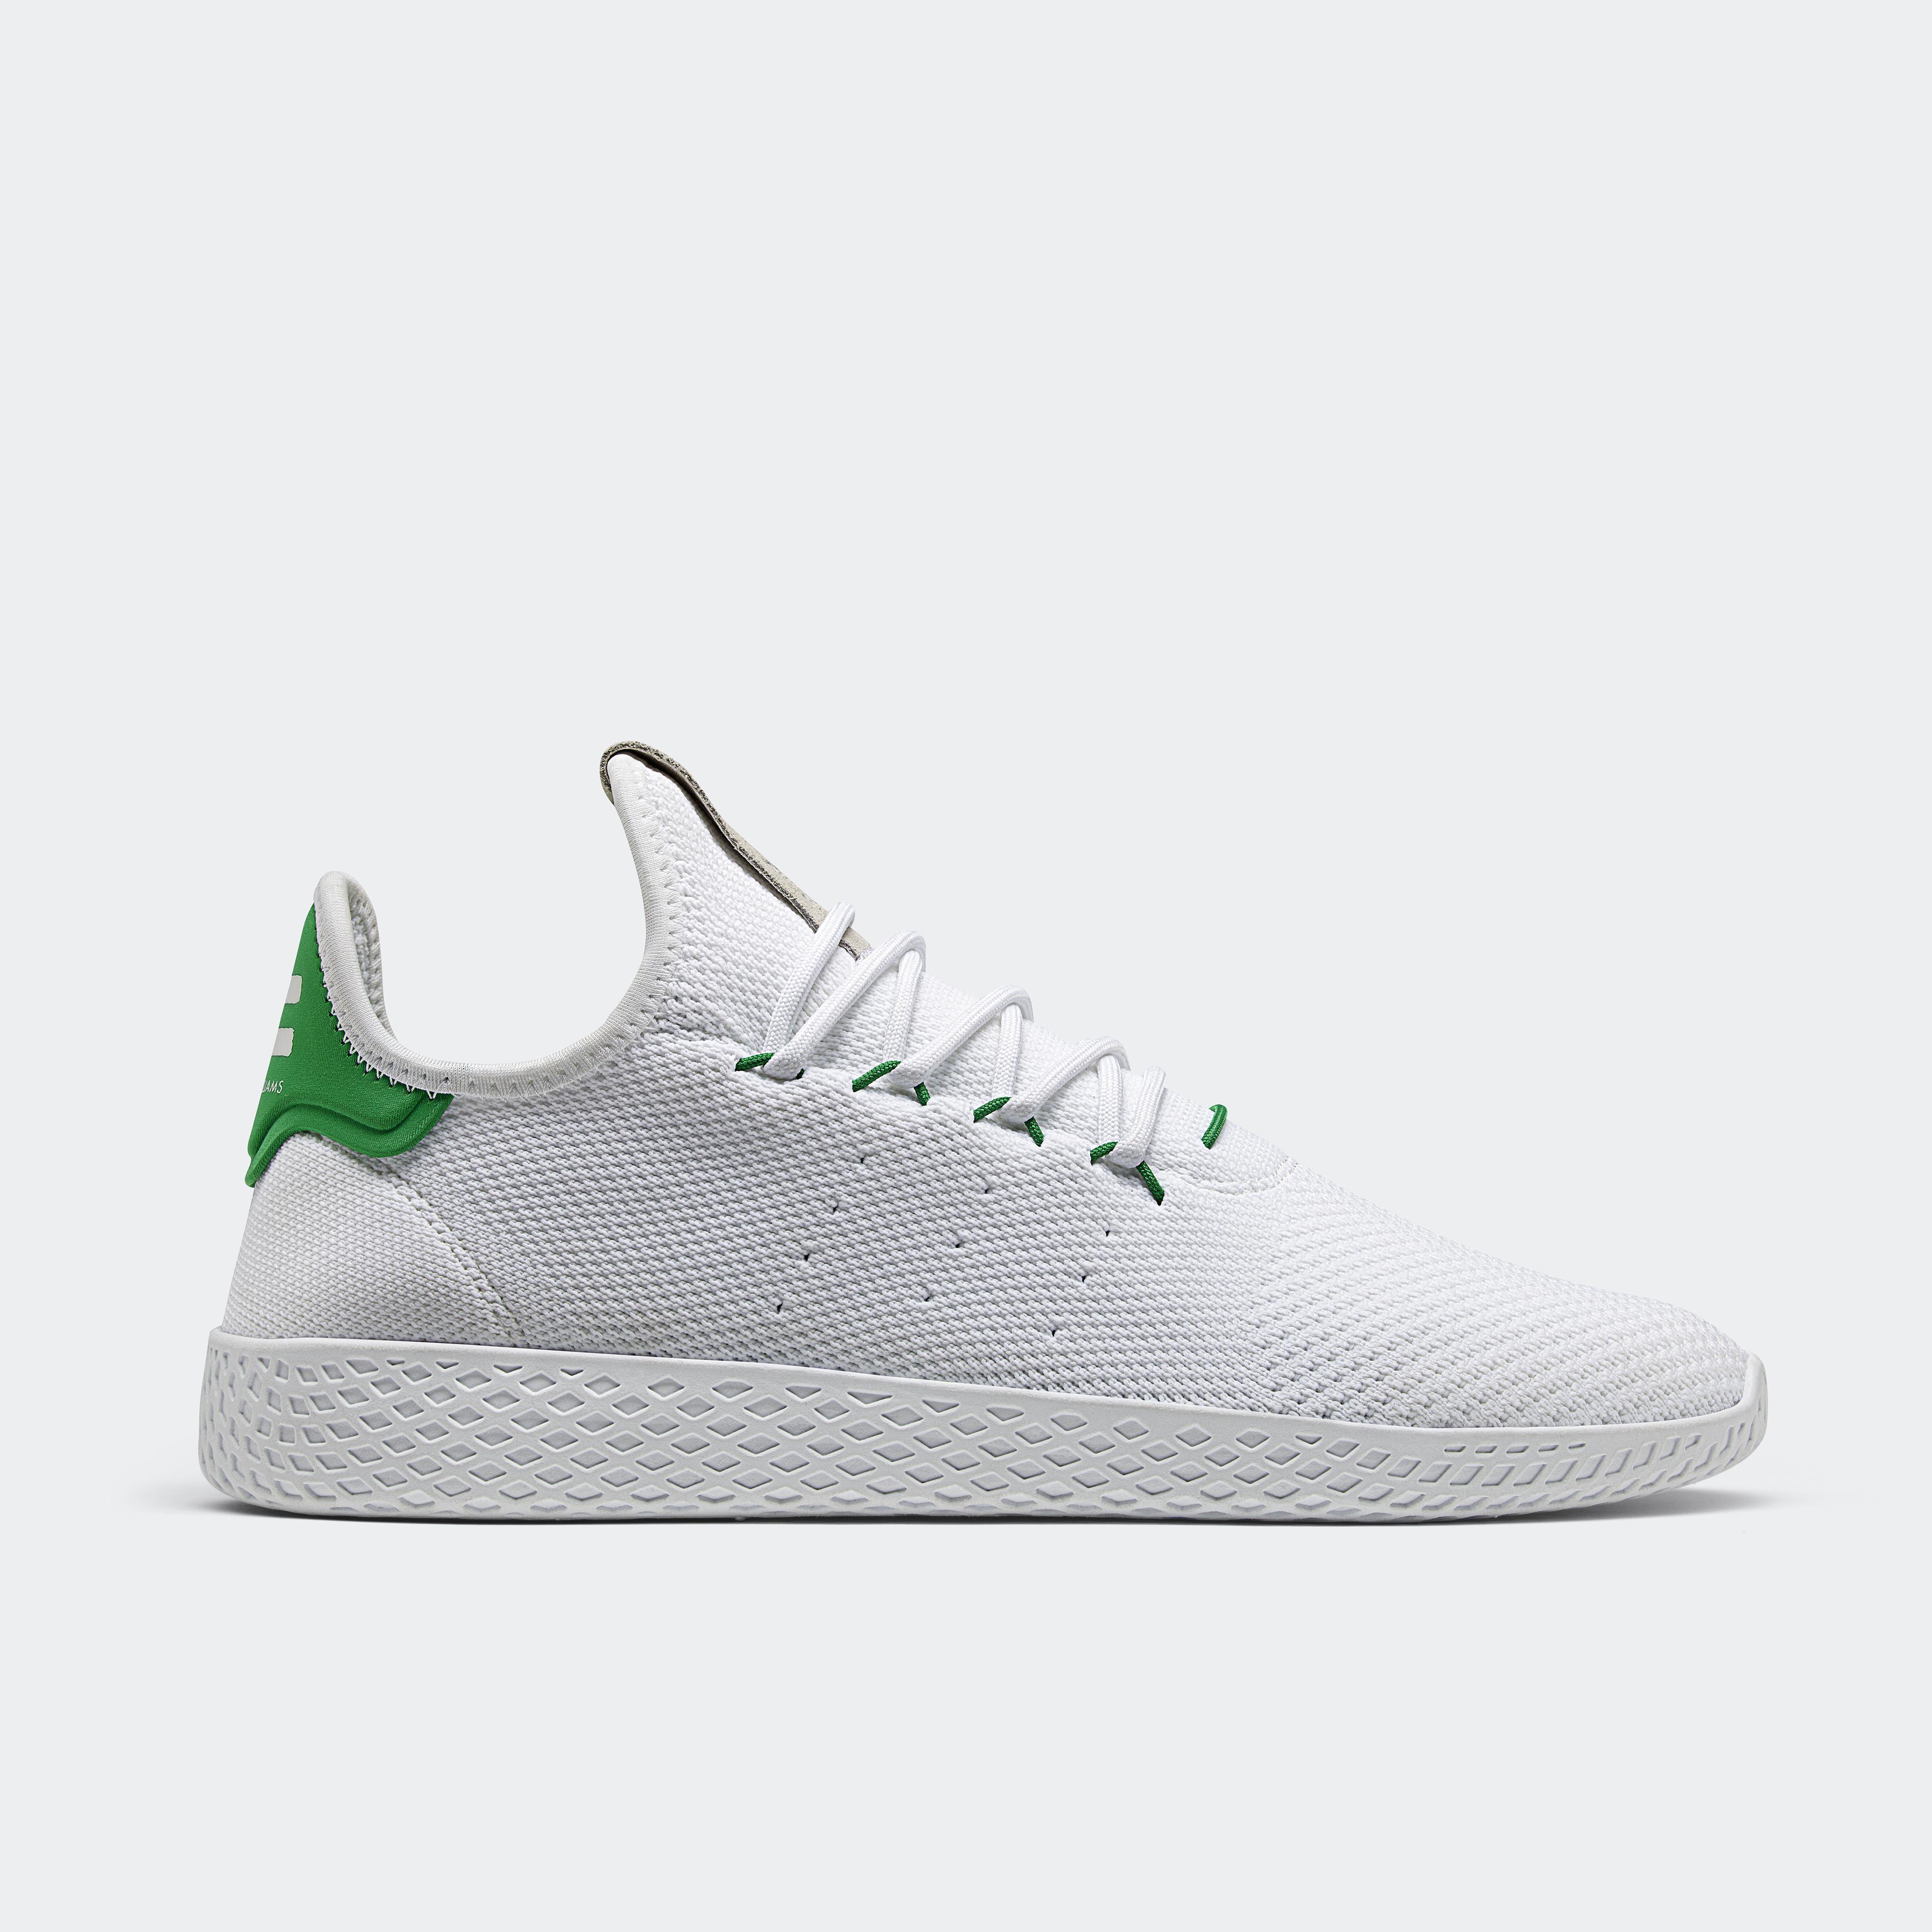 0b14f53bf948 Adidas Originals x Pharrell Williams   Tennis Hu